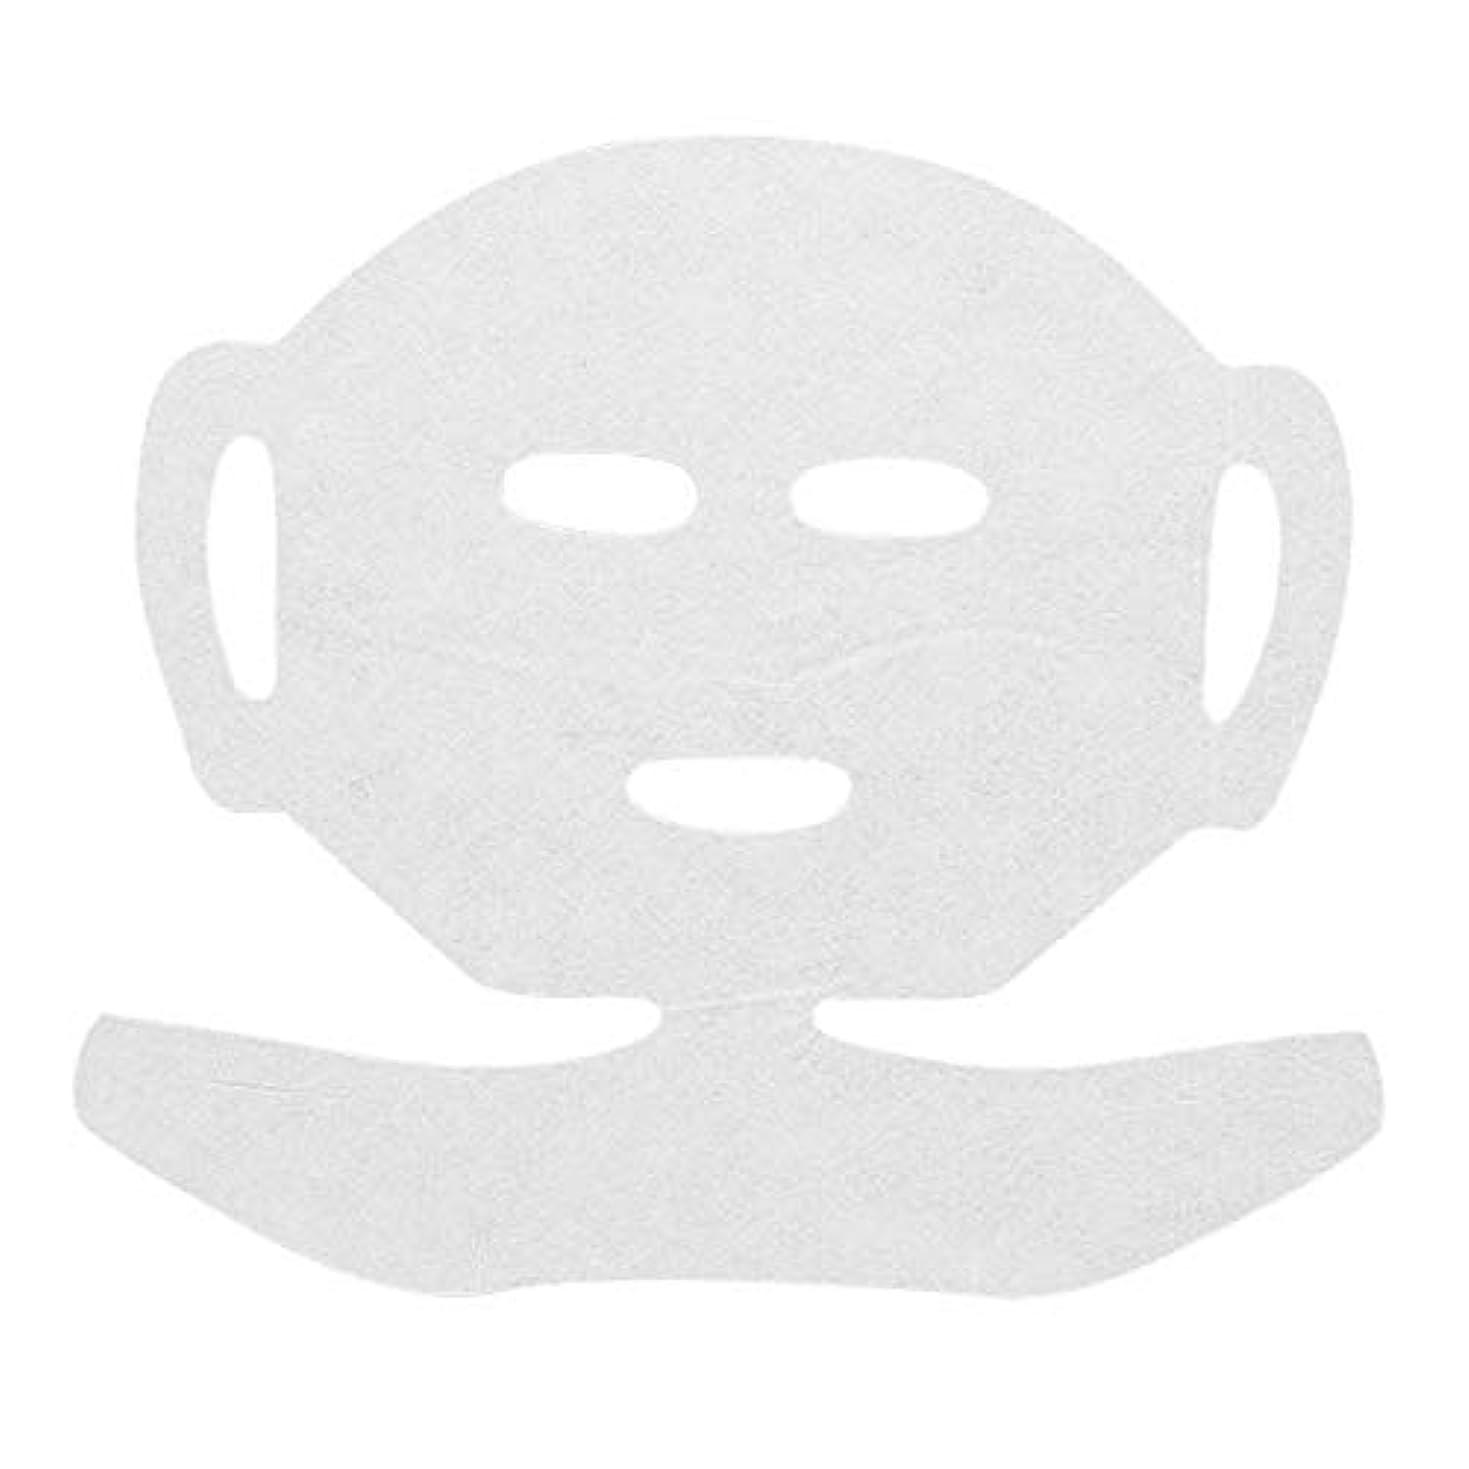 高保水 フェイシャルシート (マスクタイプネック付き 化粧水無し) 80枚 29×20cm [ フェイスマスク フェイスシート フェイスパック フェイシャルマスク シートマスク フェイシャルシート フェイシャルパック ローションマスク...